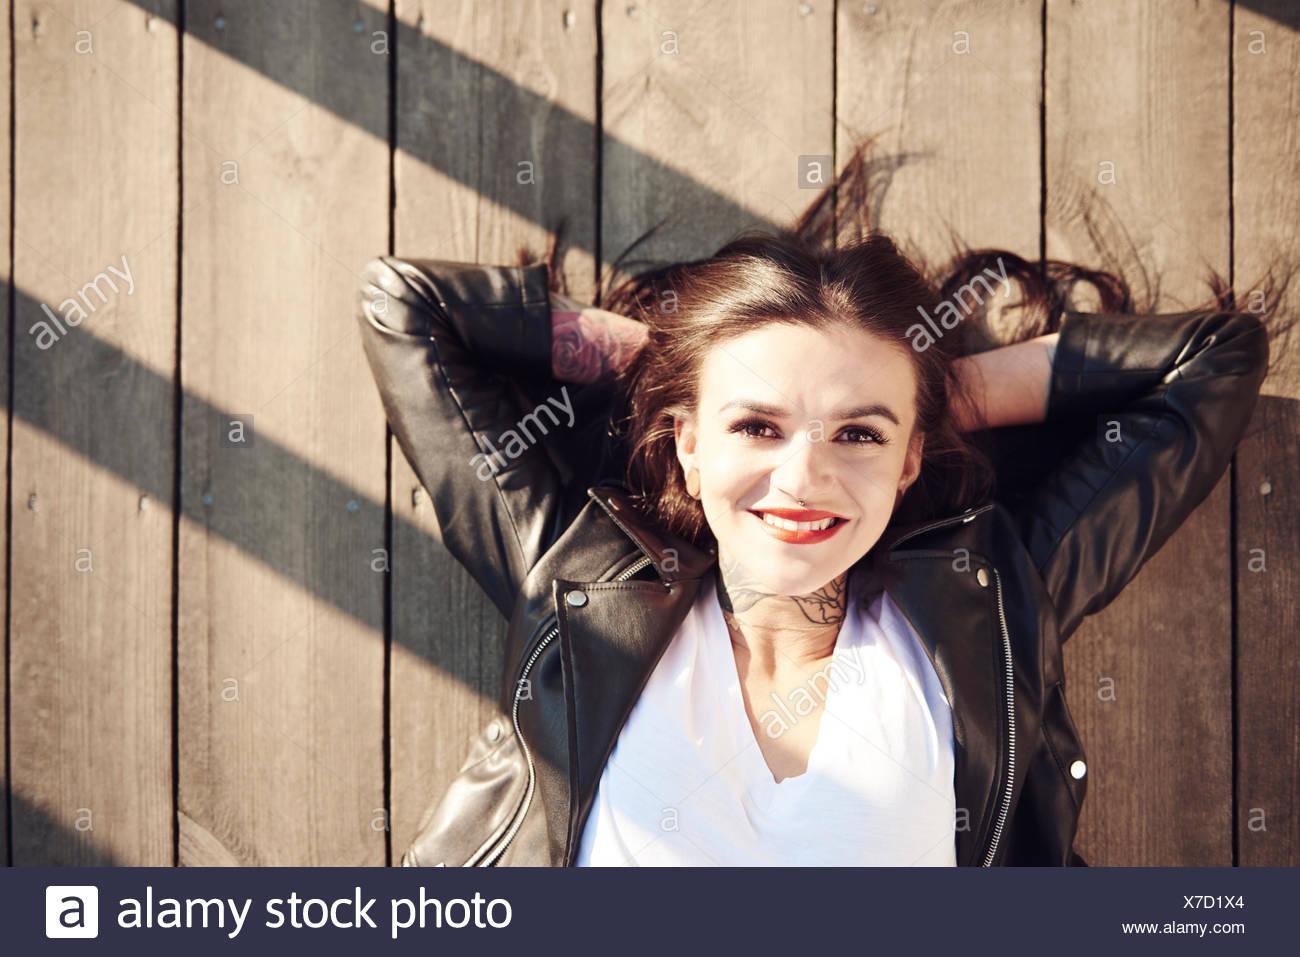 Ritratto di giovane donna sdraiata su legno decking, mani dietro la testa, sorridente, vista aerea Immagini Stock